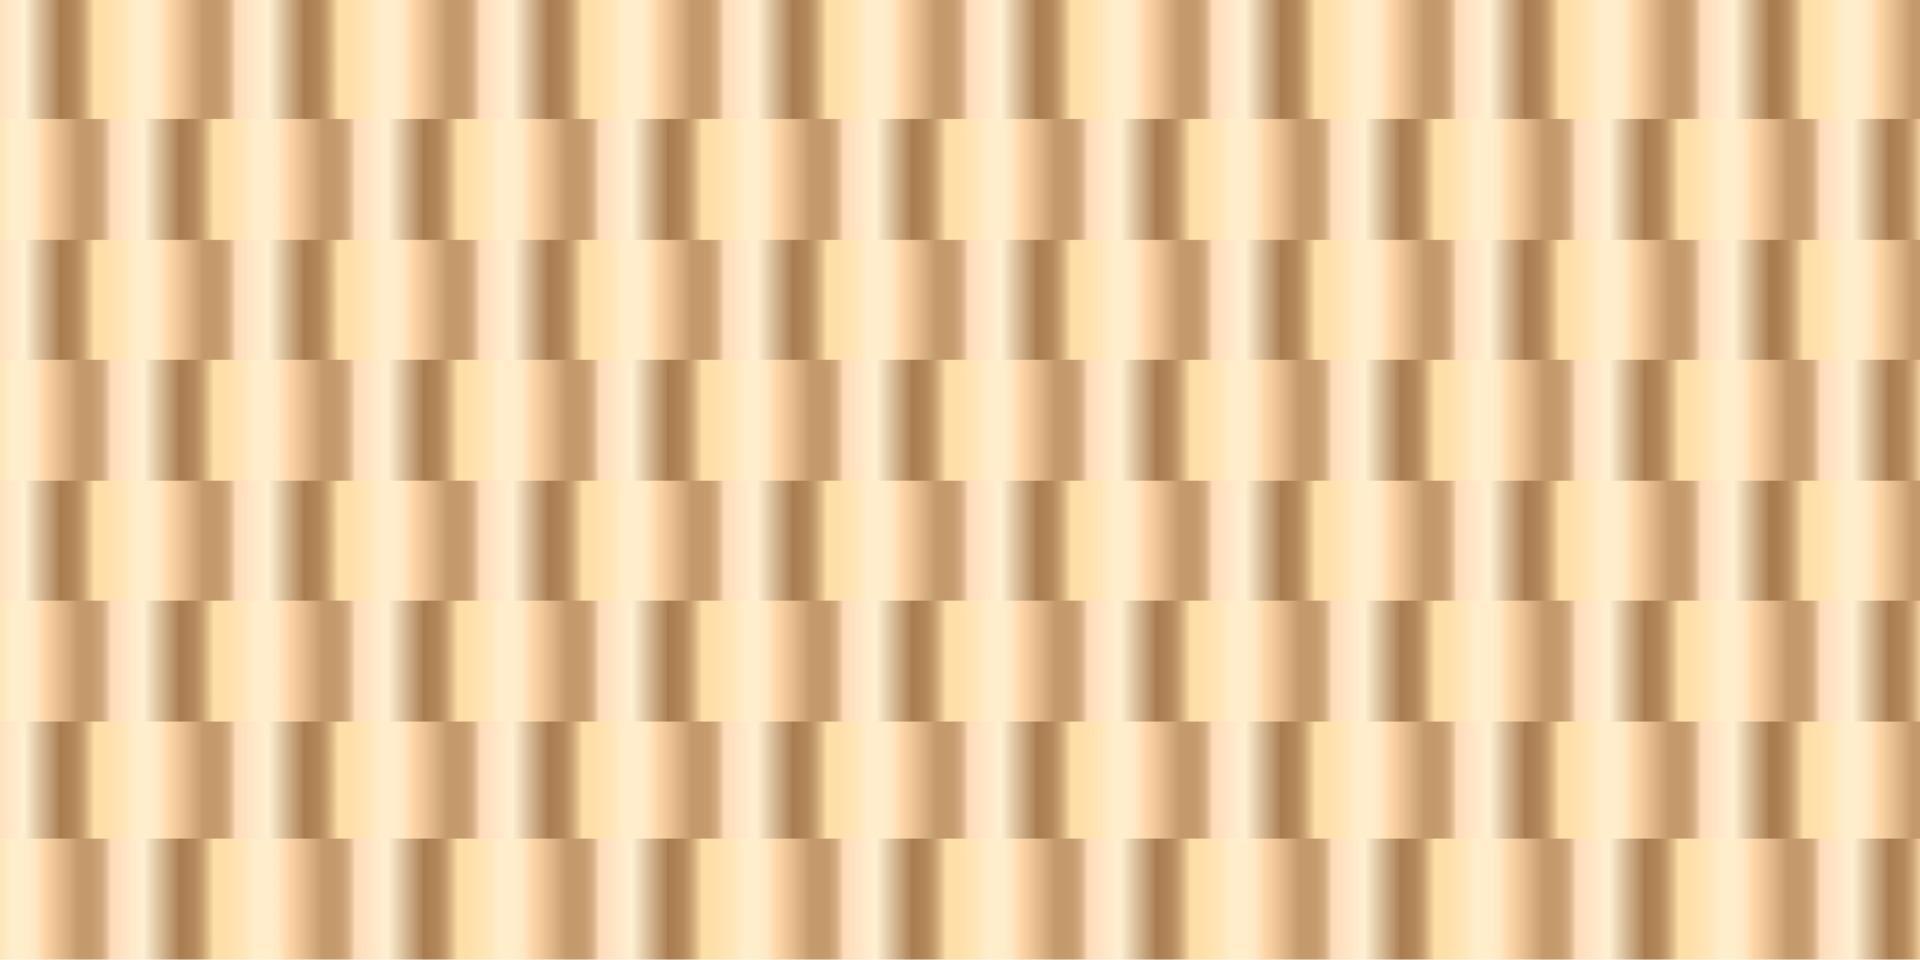 gold gradient Chrome color foil texture background. vector golden,